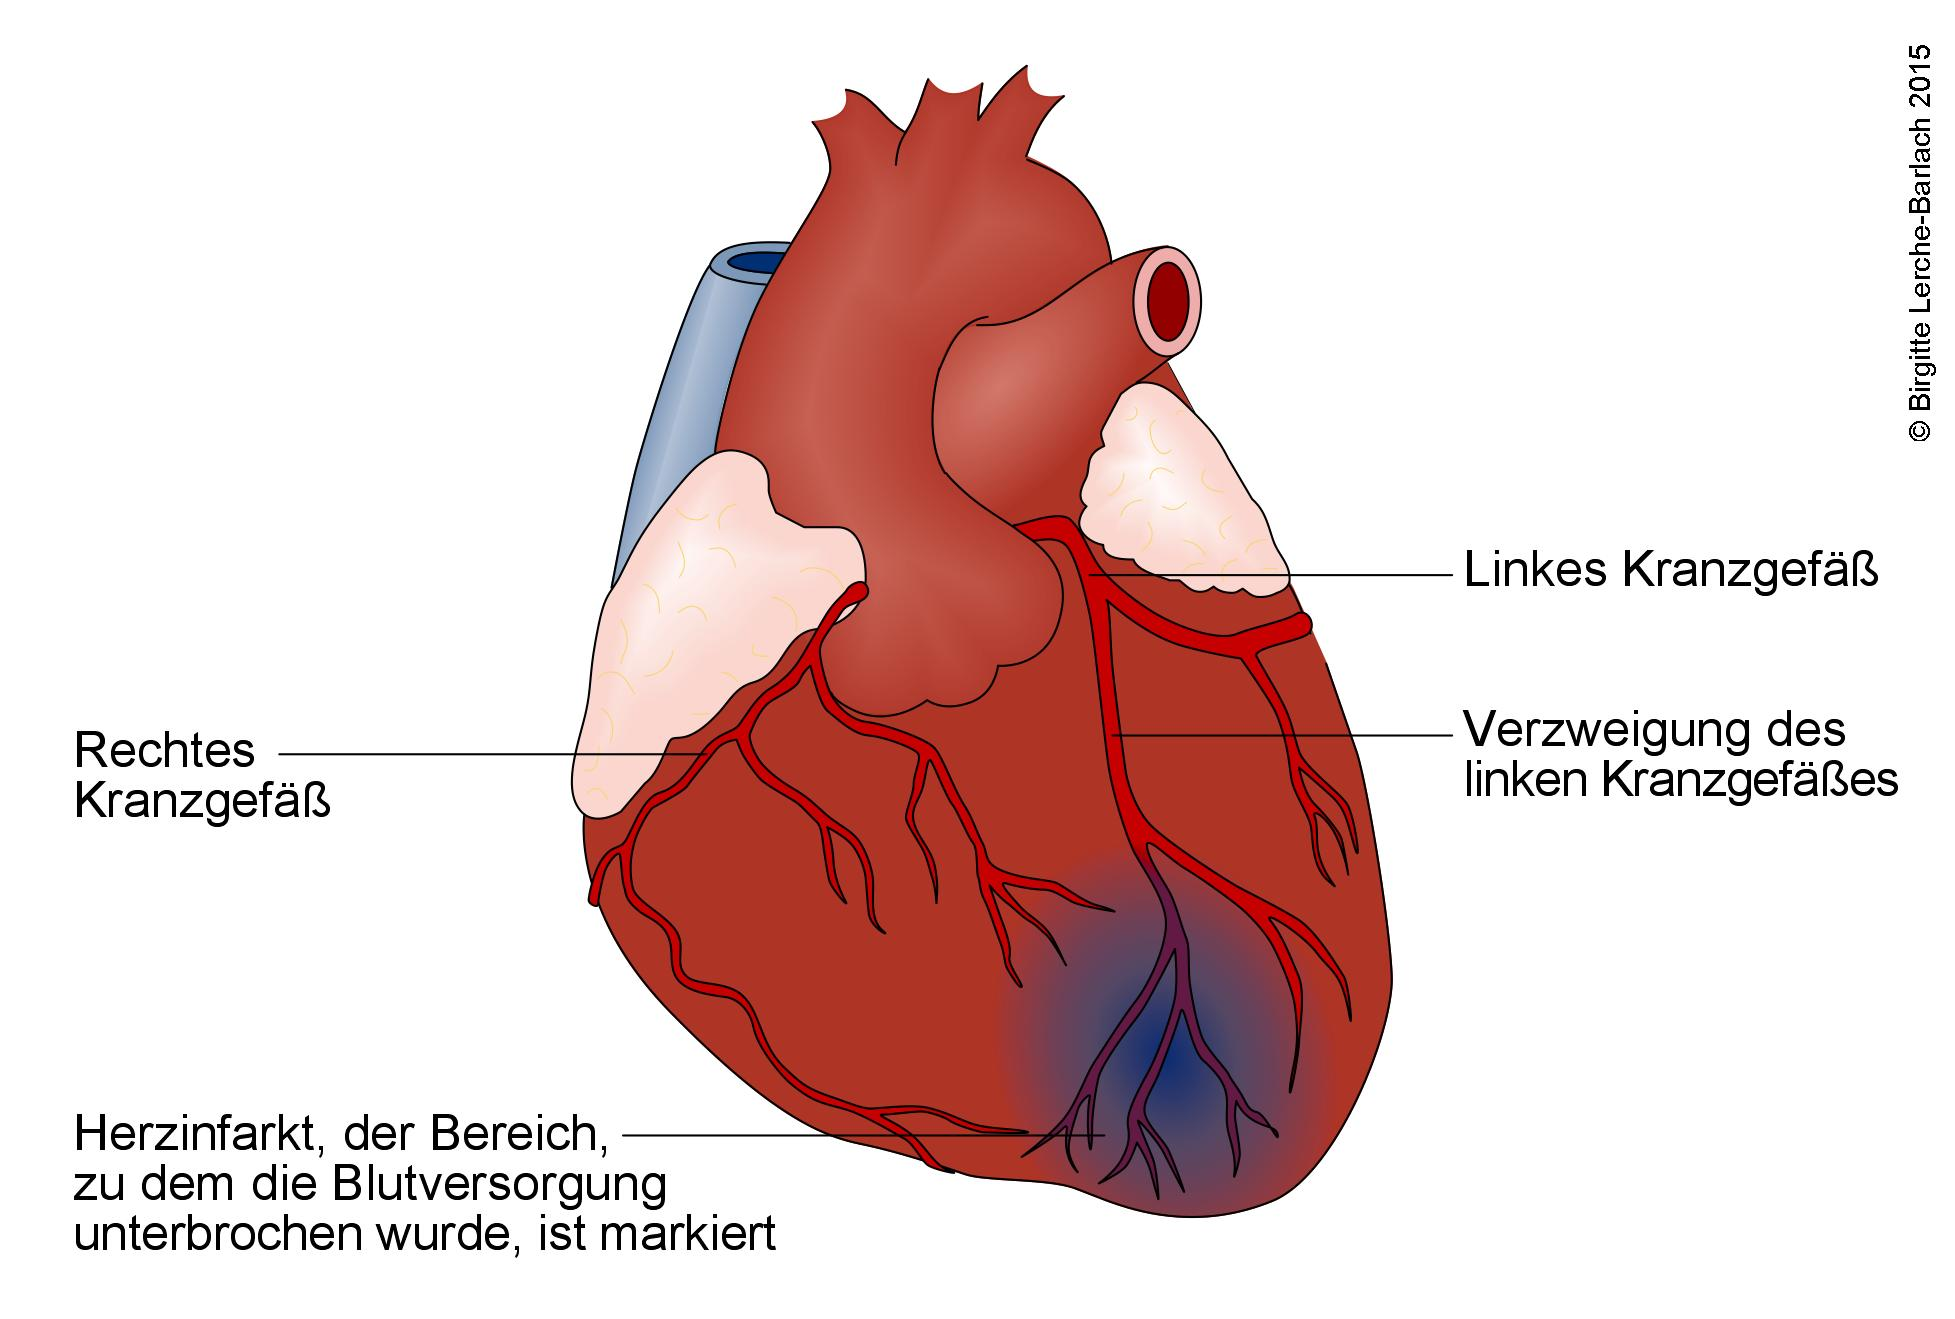 Herz mit Infarkt.jpg